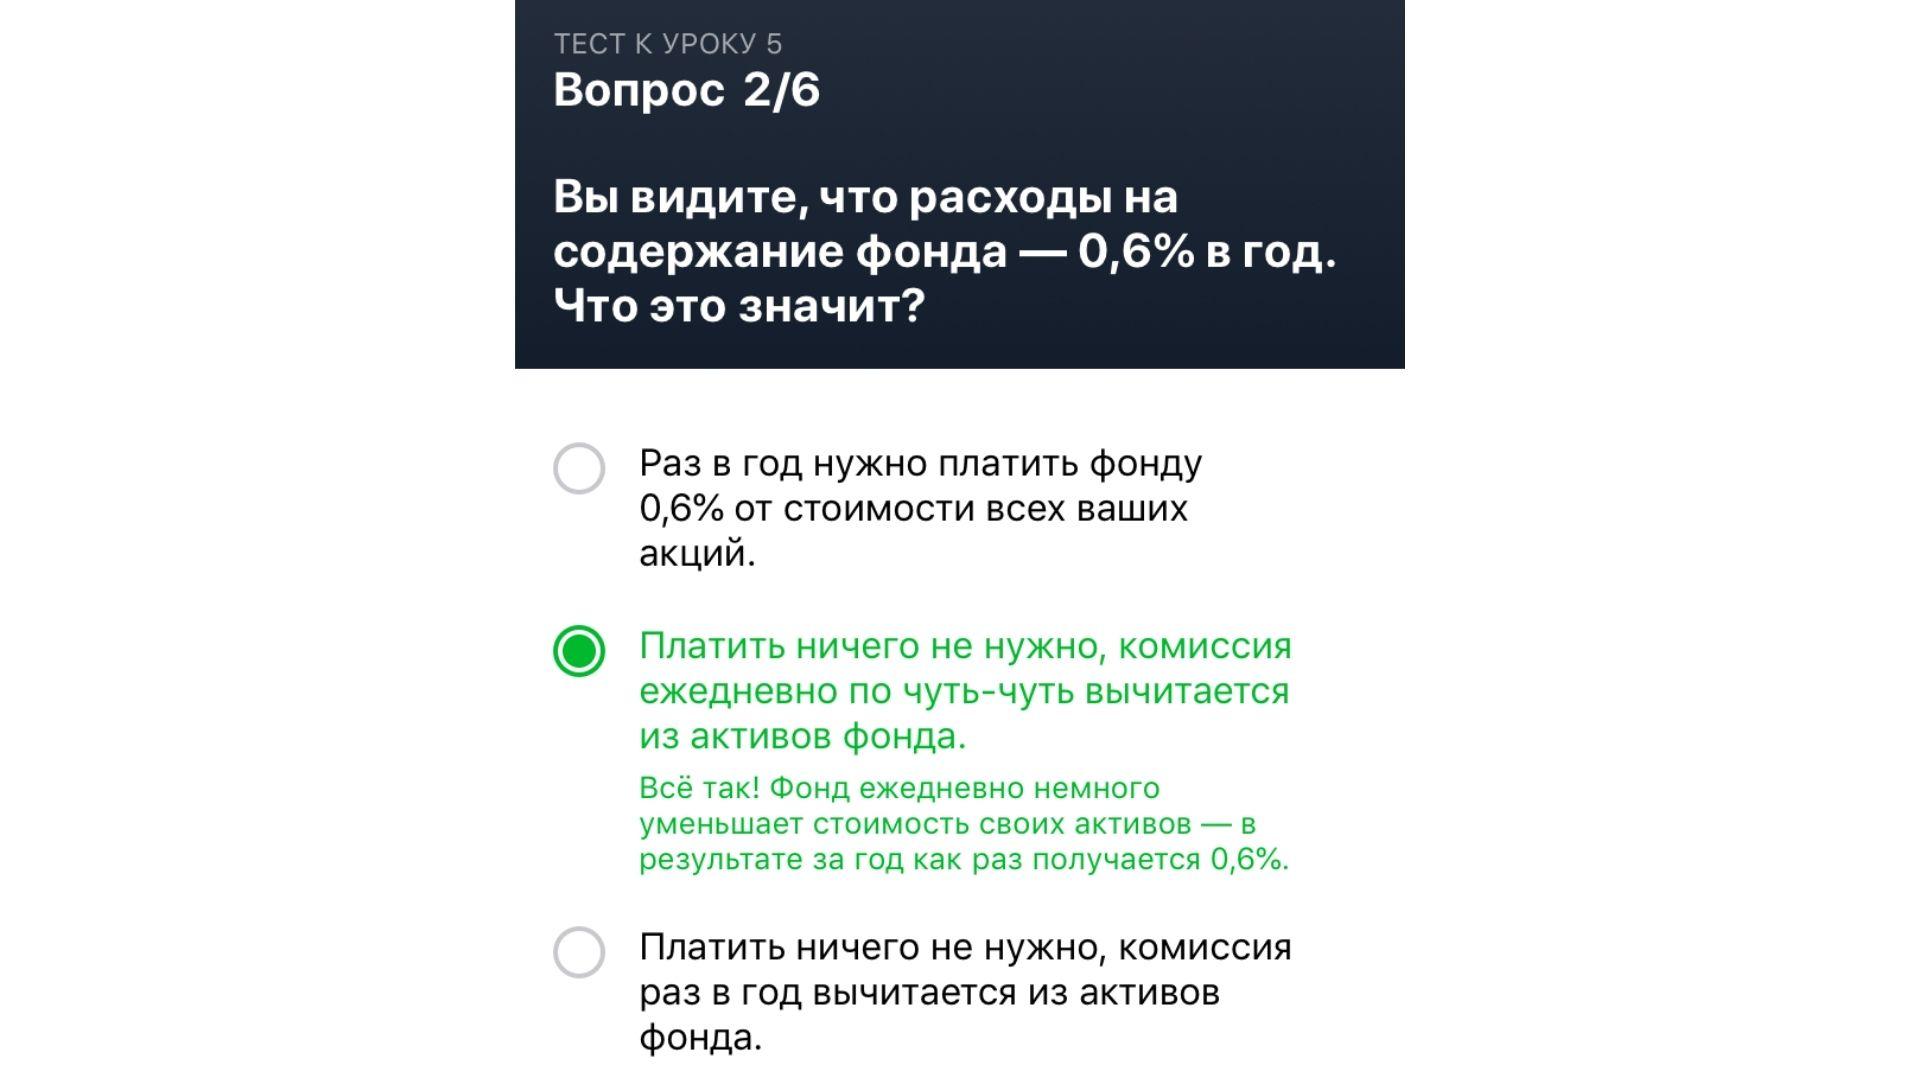 Правильные ответы на тест Тинькофф Инвестиции. Урок 5. Вопрос 2